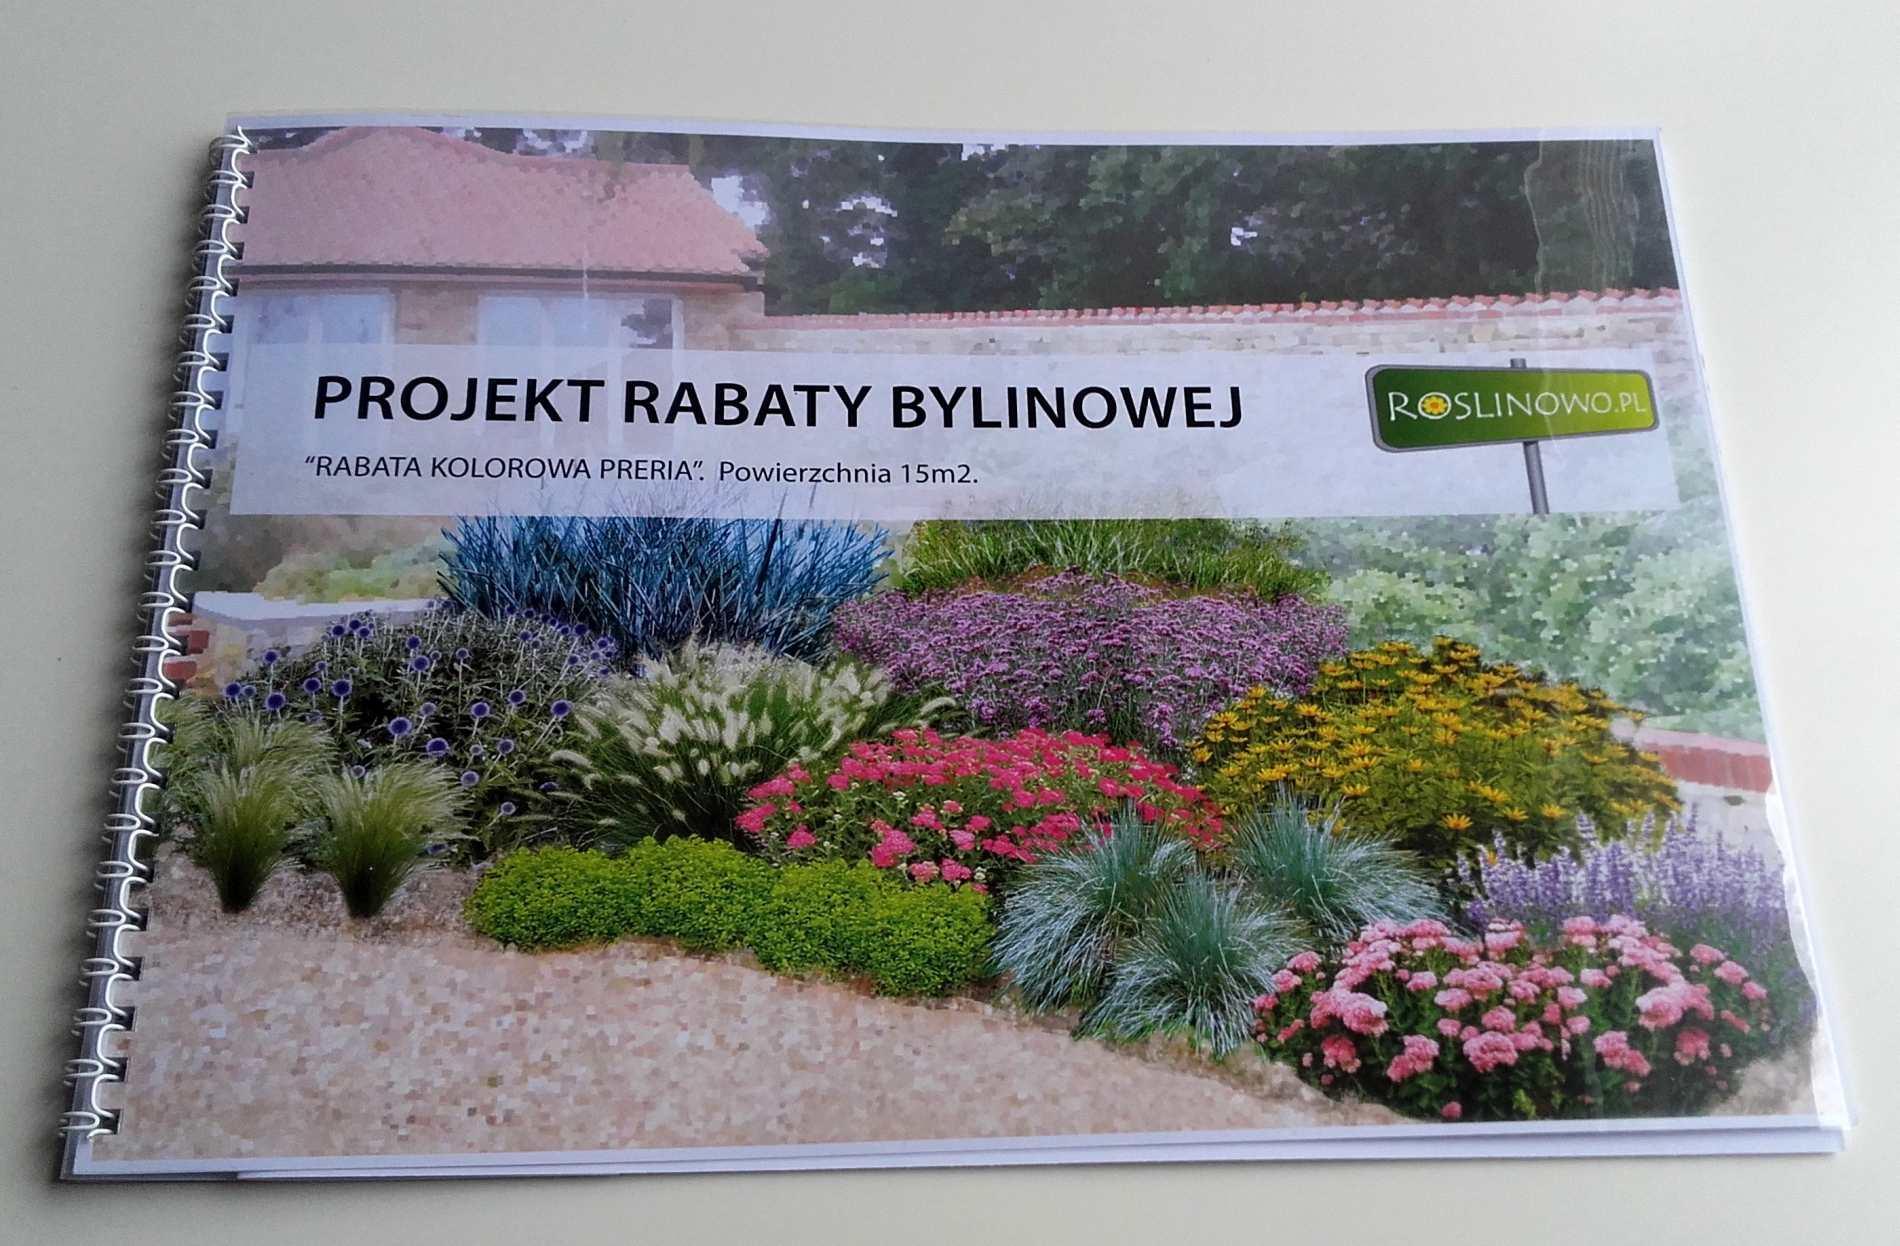 okładka projektu rabaty kolorowa preria